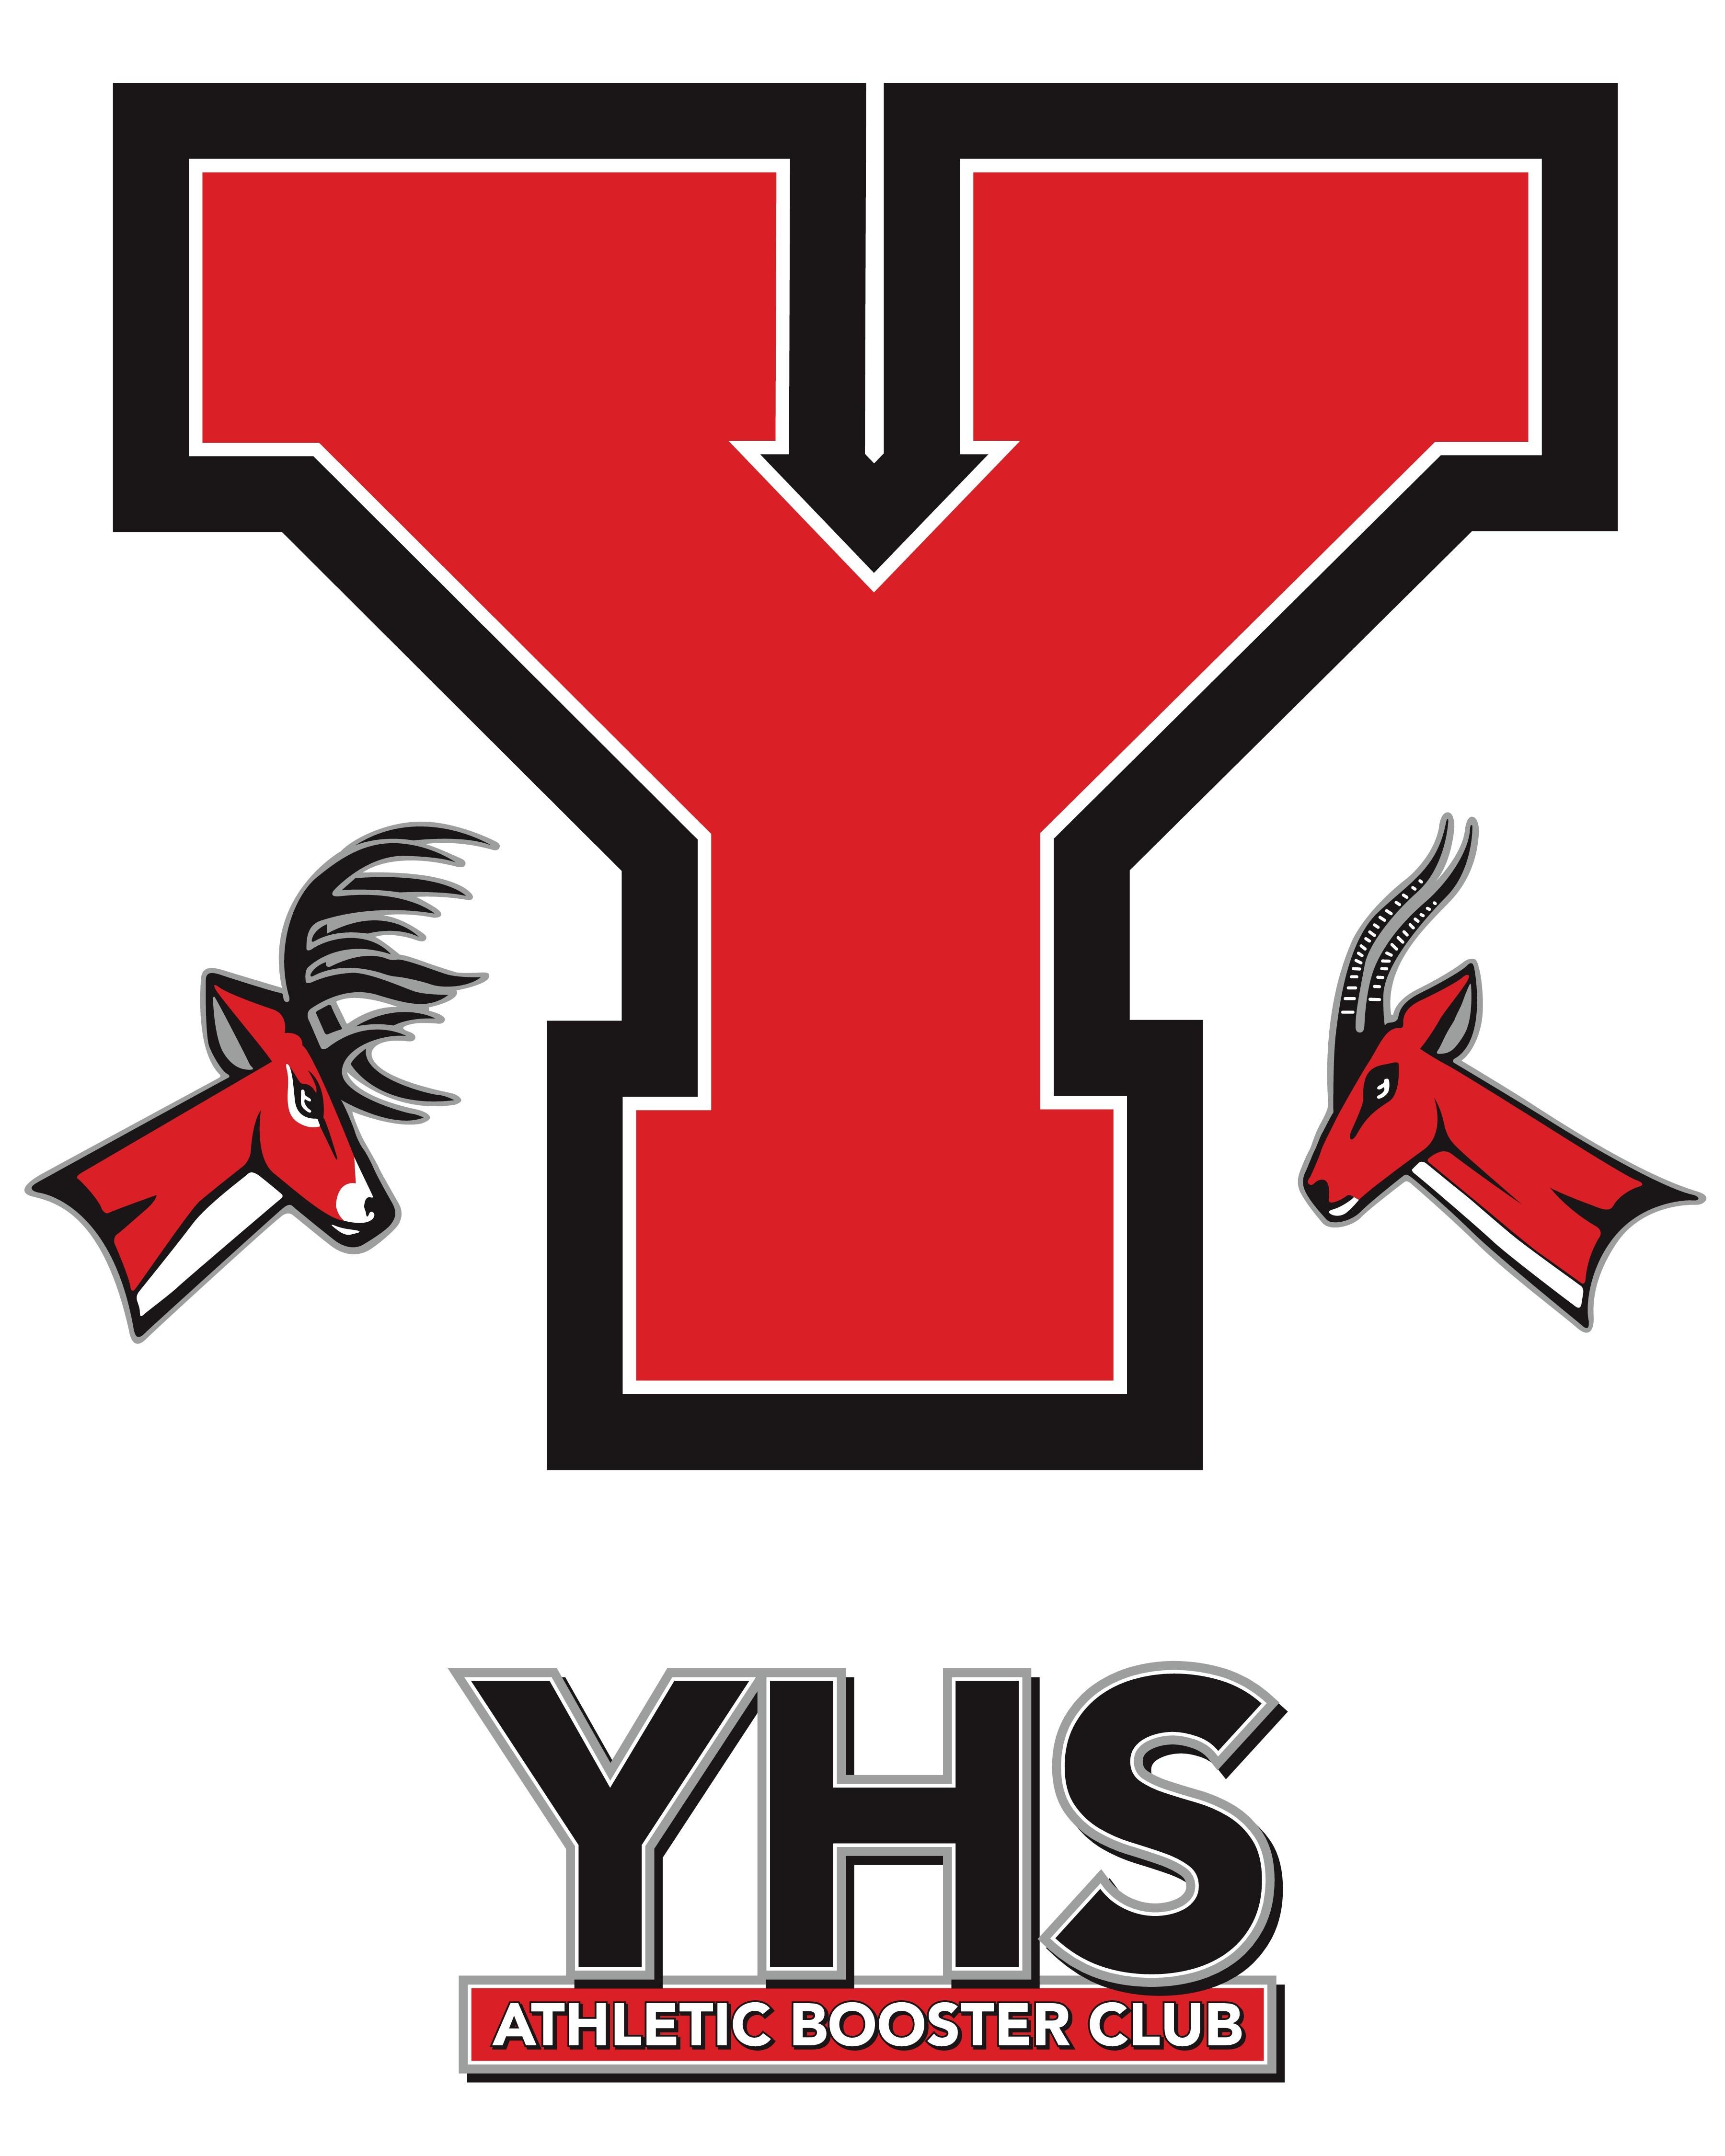 YHS Athletic Booster Club